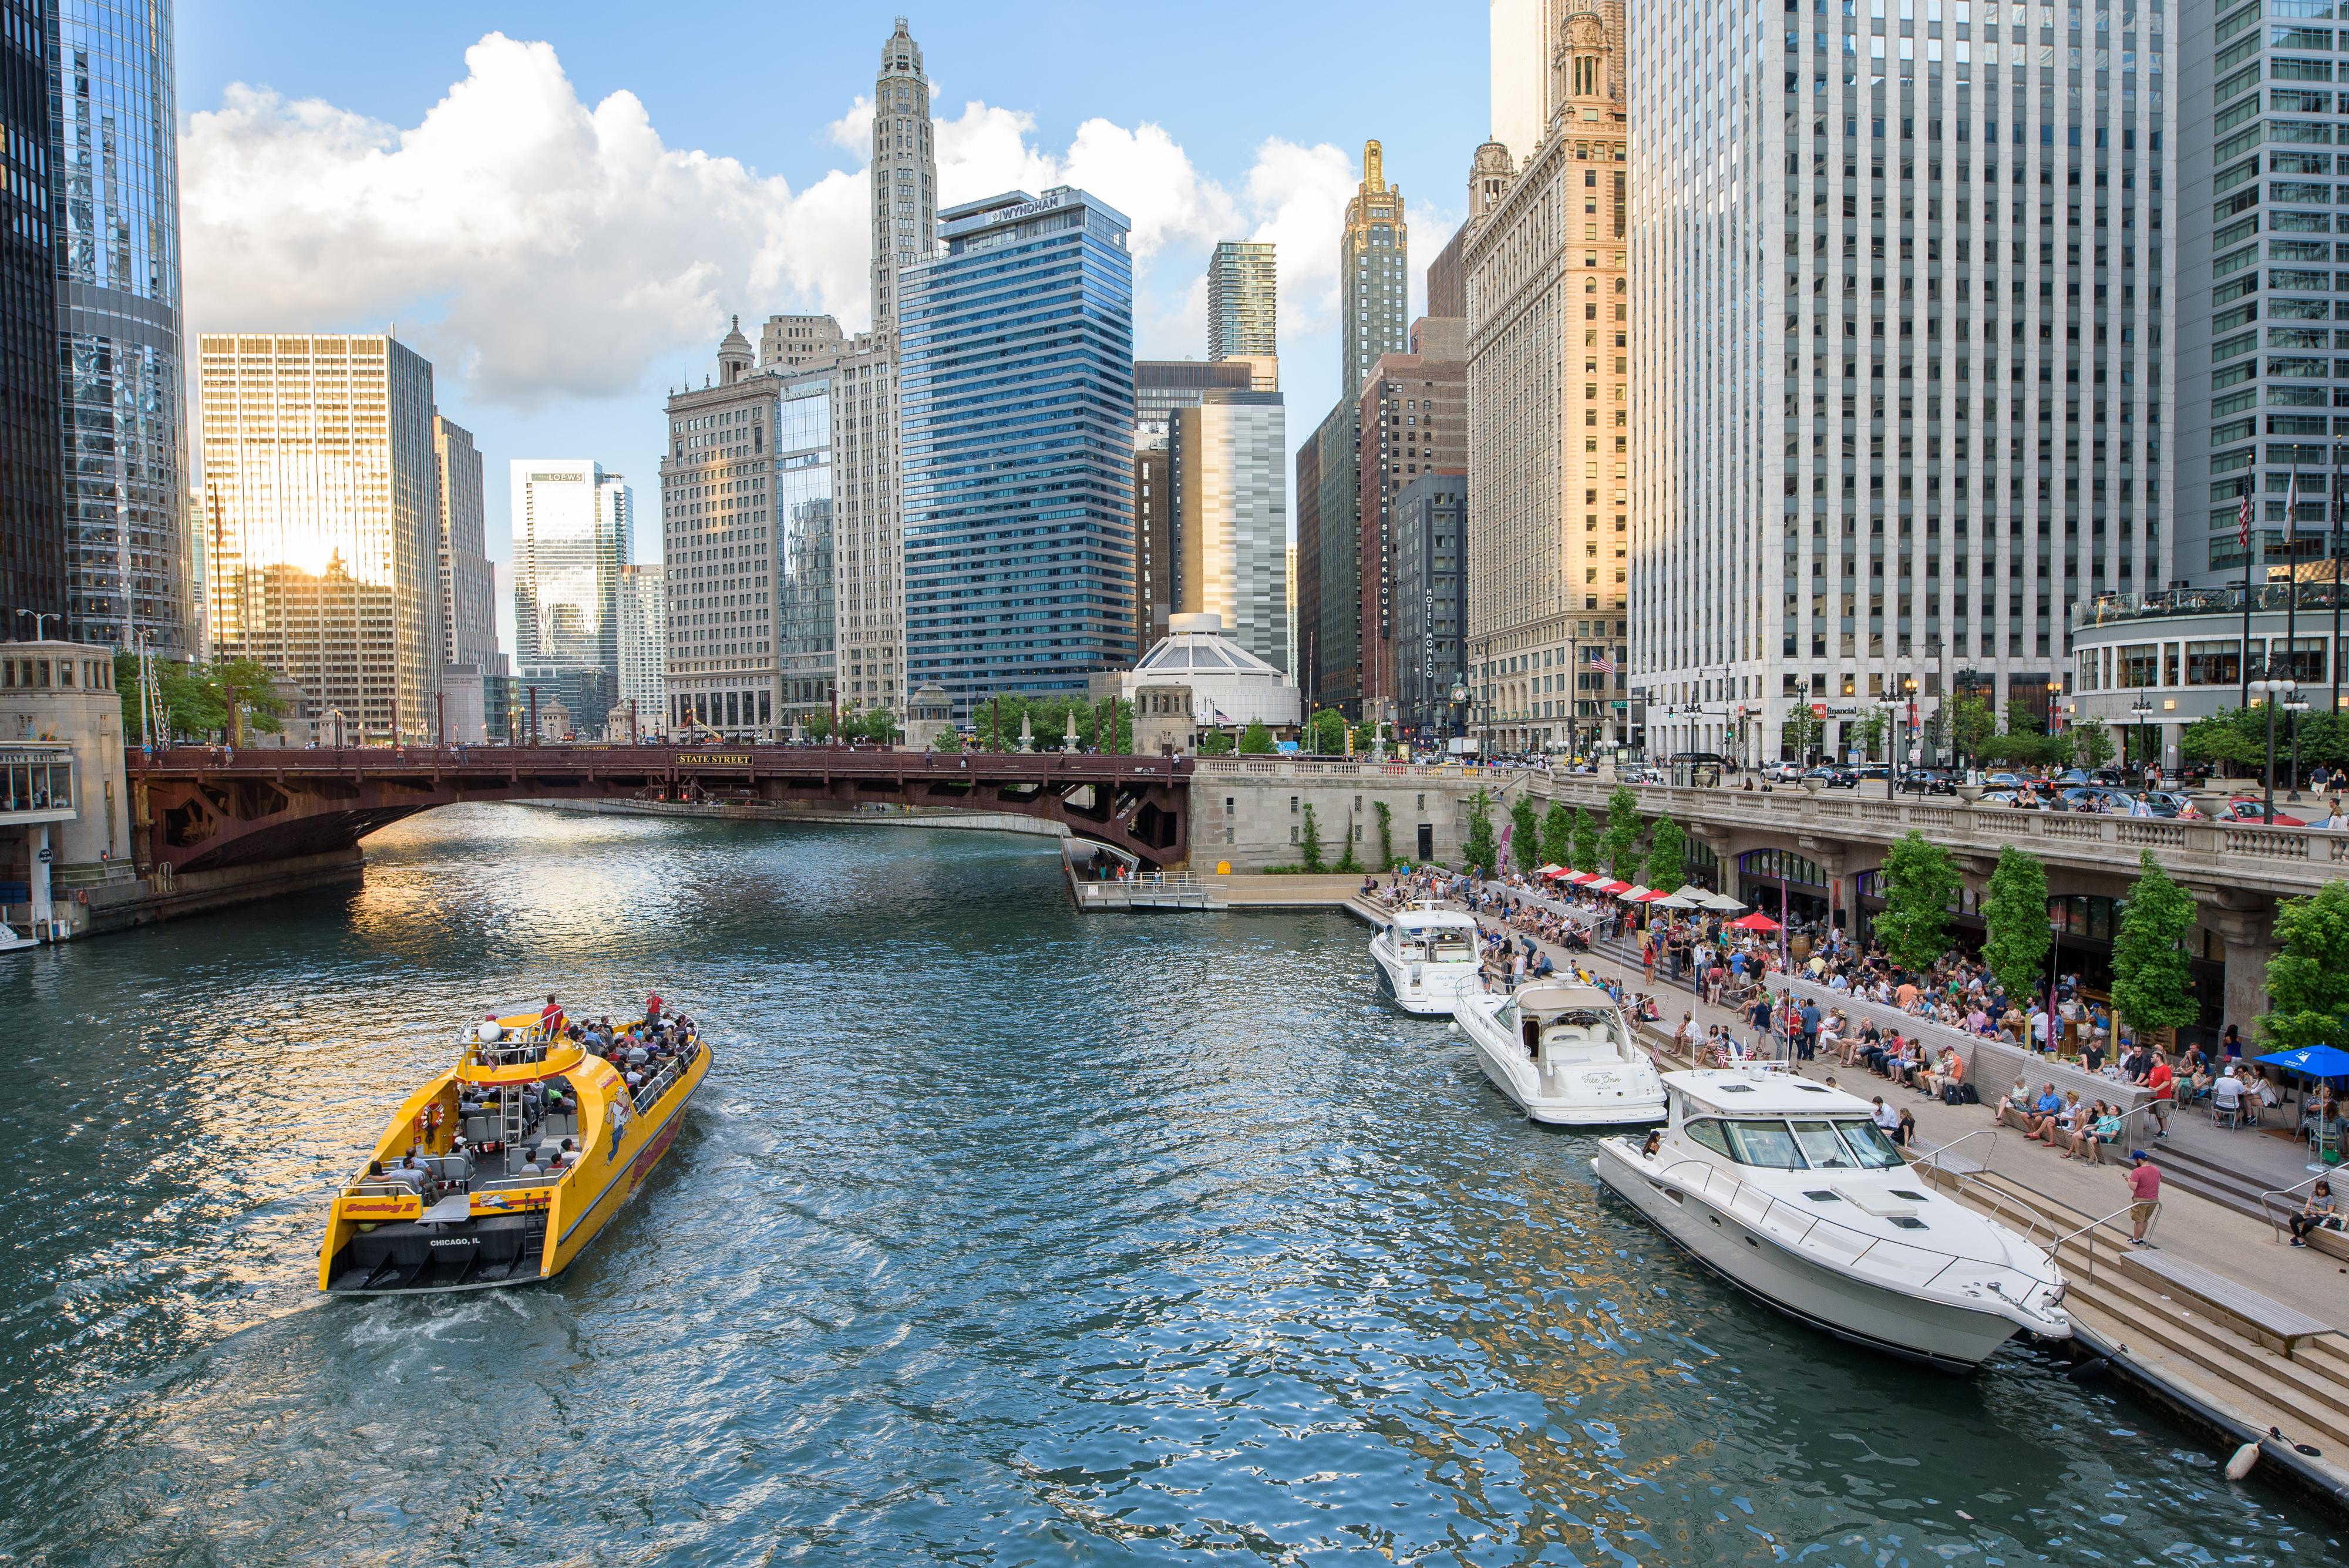 photos_chicago_il_Chicago_Riverwalk_by_R